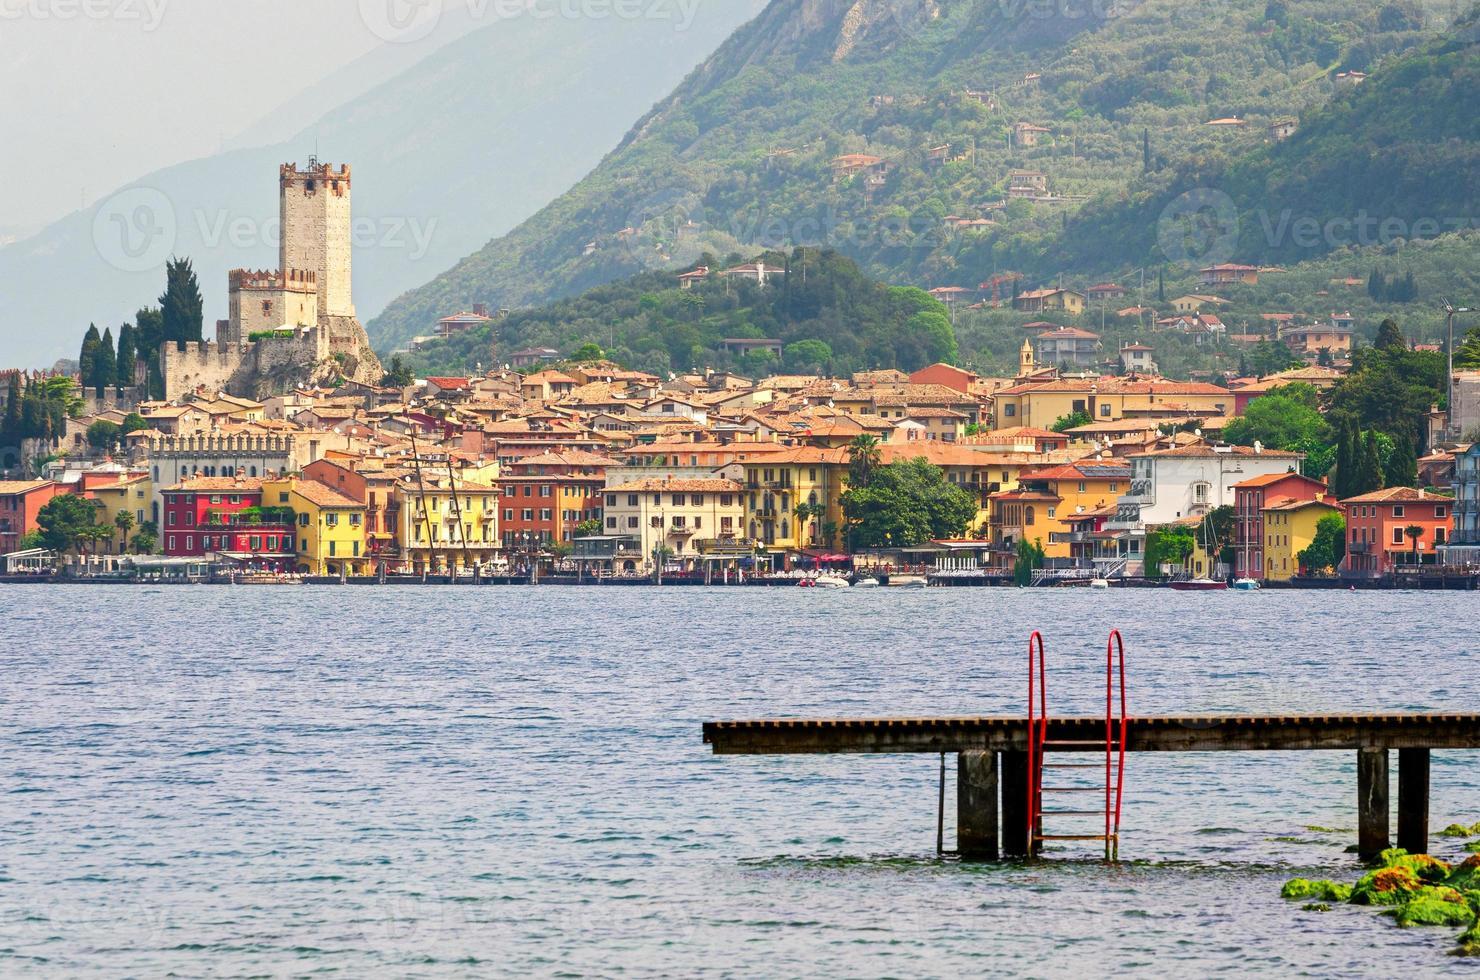 lago de garda, cidade de malcesine (veneto, itália) foto